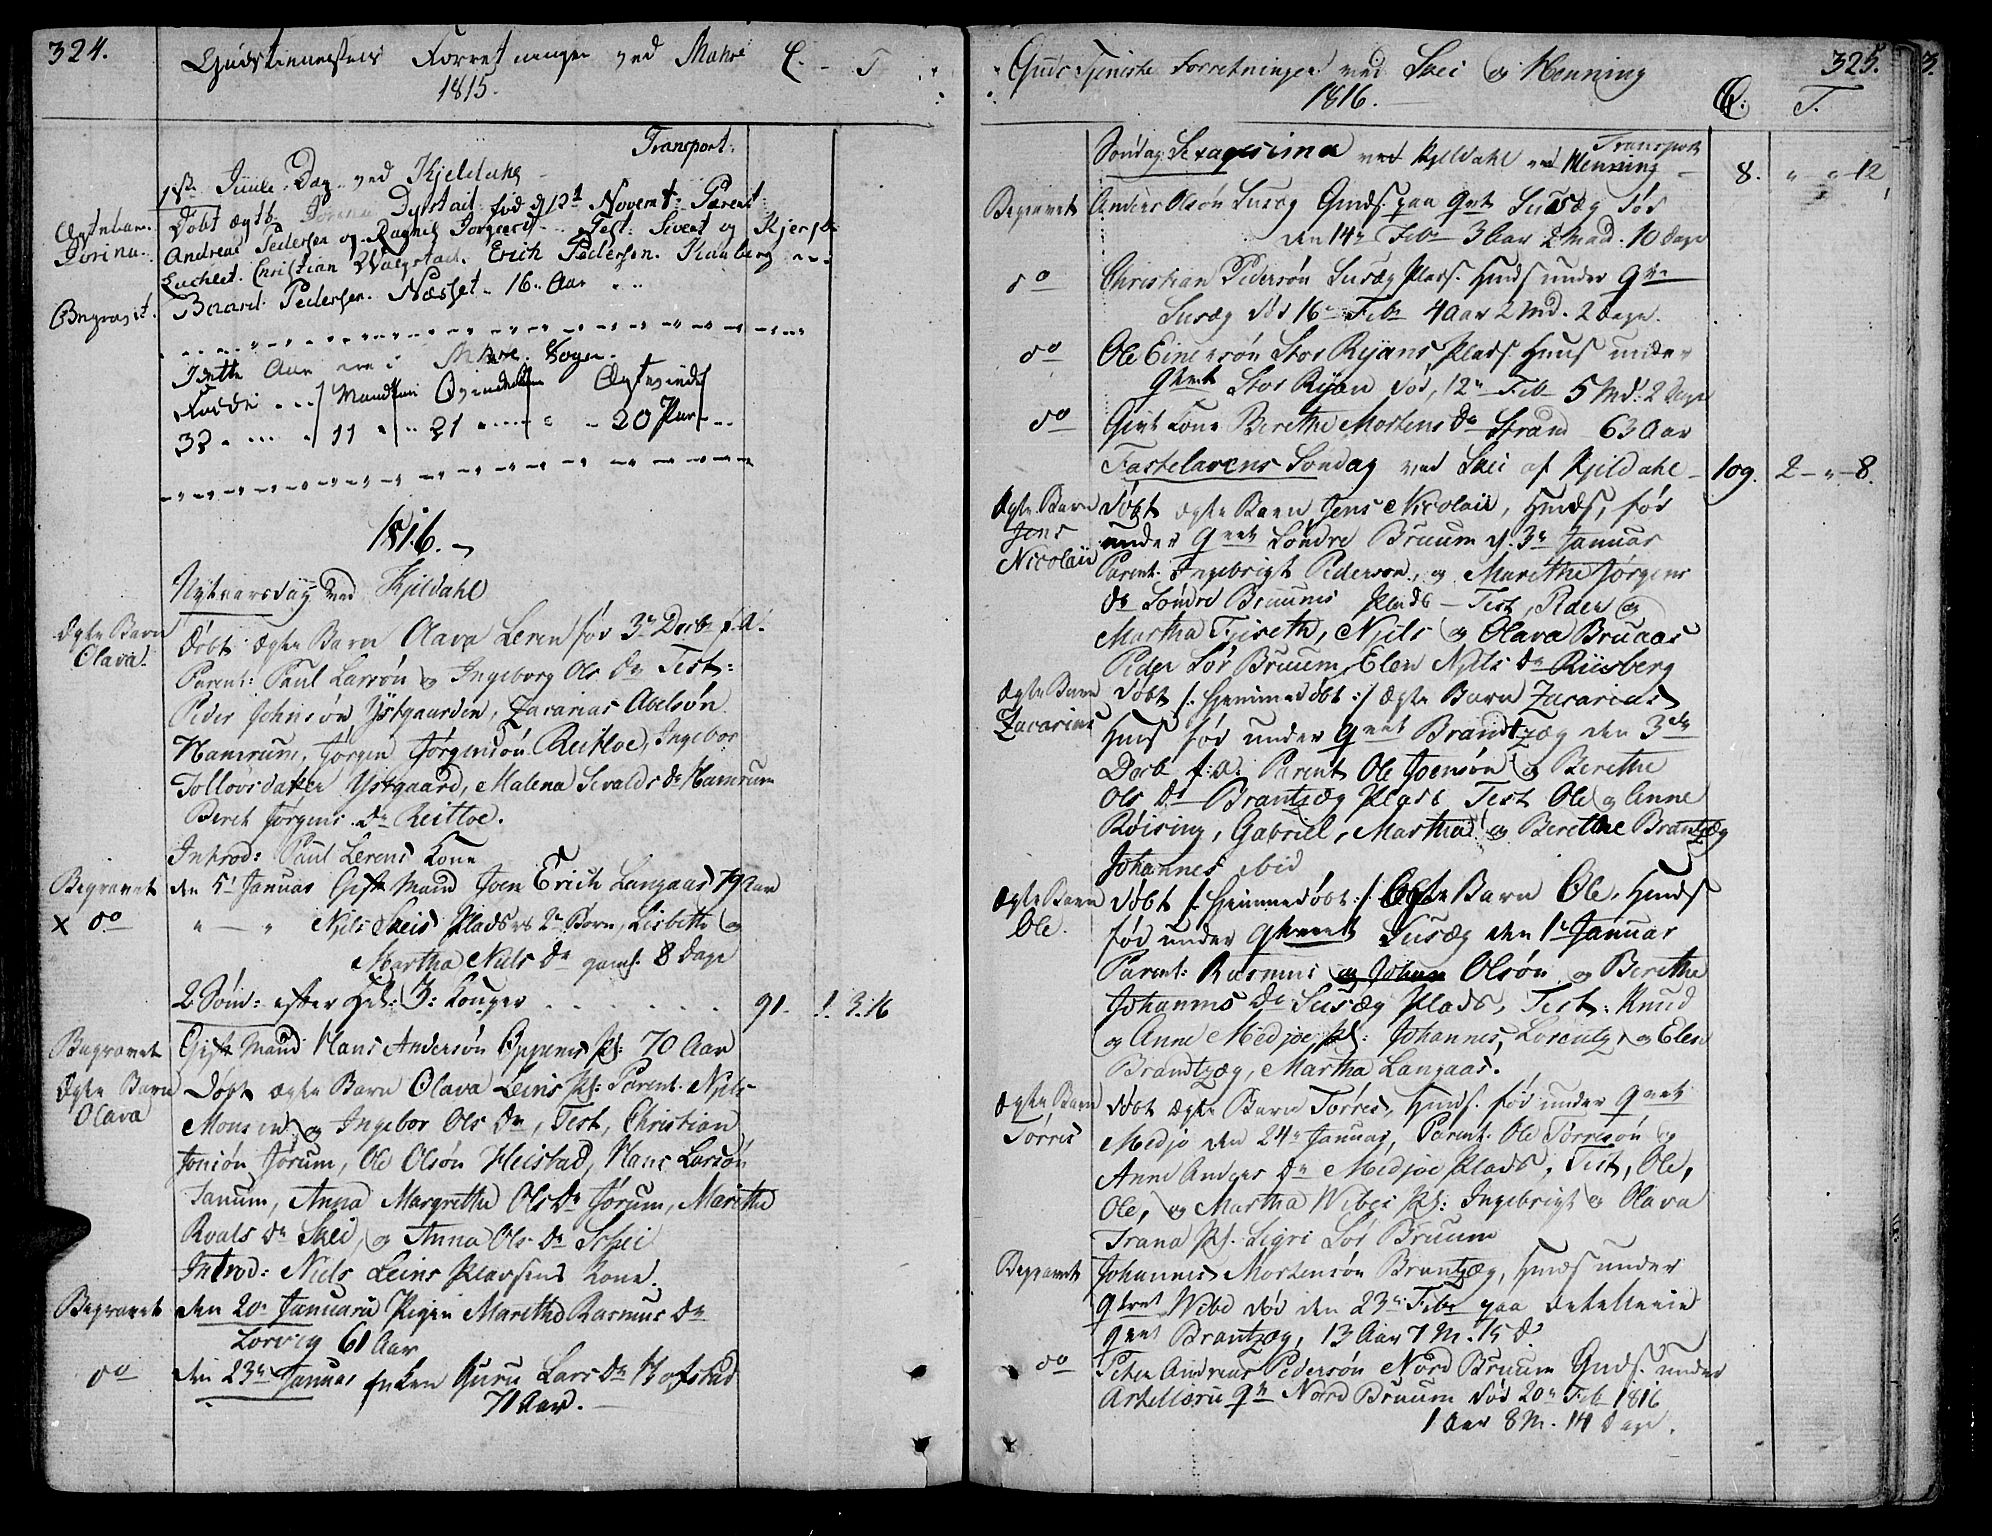 SAT, Ministerialprotokoller, klokkerbøker og fødselsregistre - Nord-Trøndelag, 735/L0332: Ministerialbok nr. 735A03, 1795-1816, s. 324-325